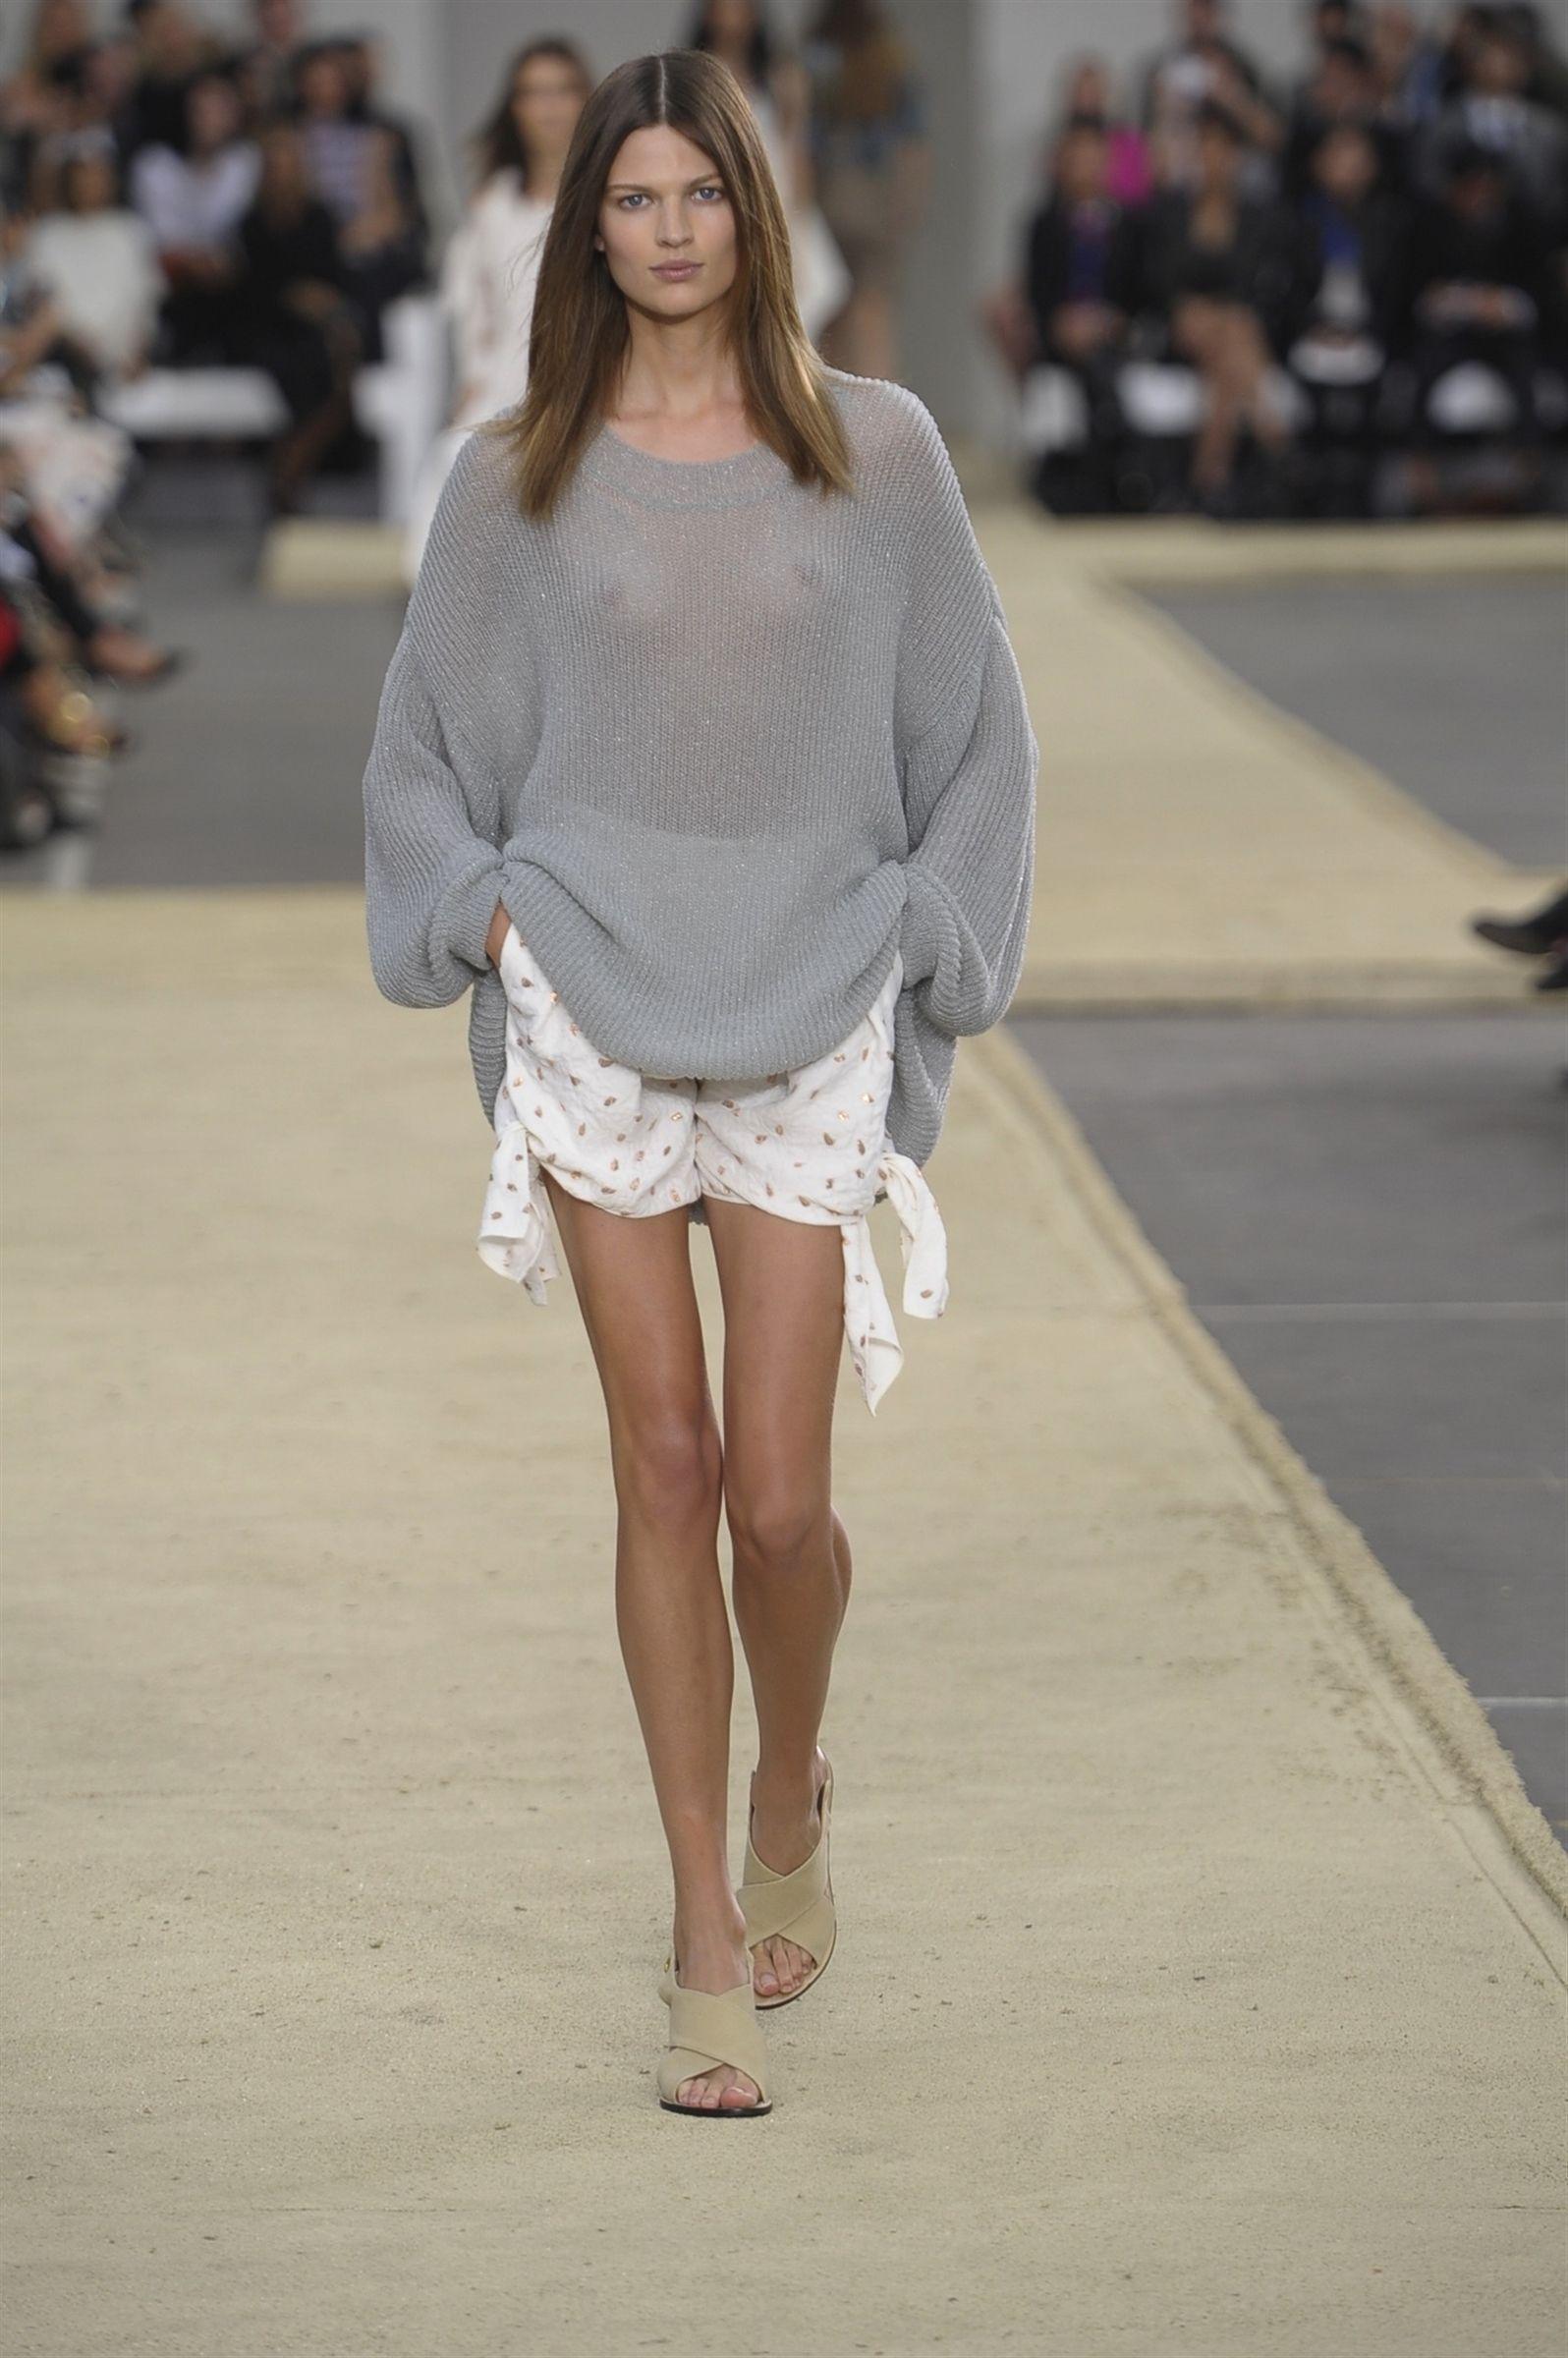 @Chloe Allen Allen SS14 runway